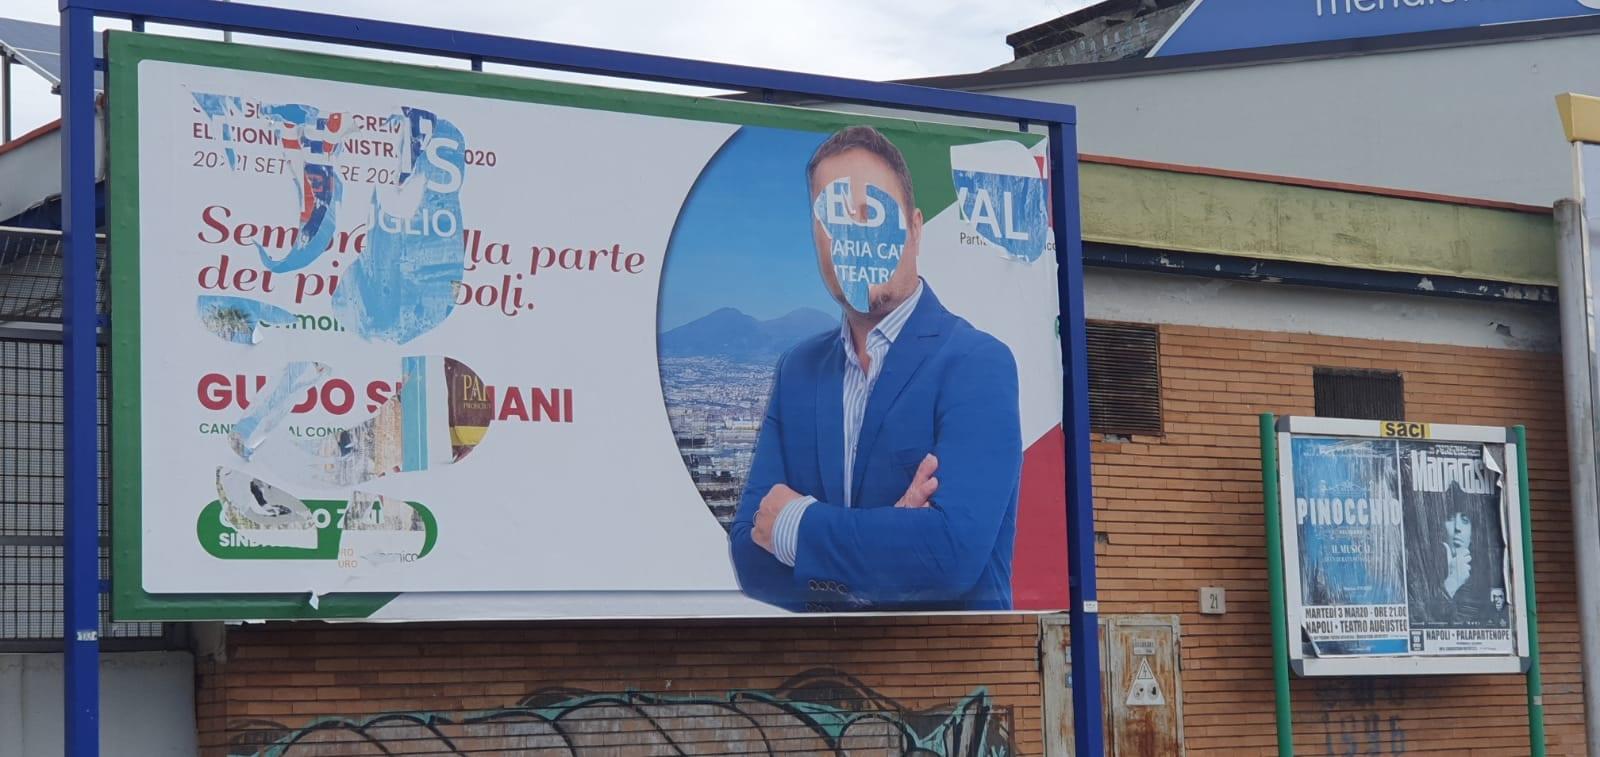 Cartellonistica pubblicitaria e atti vandalici